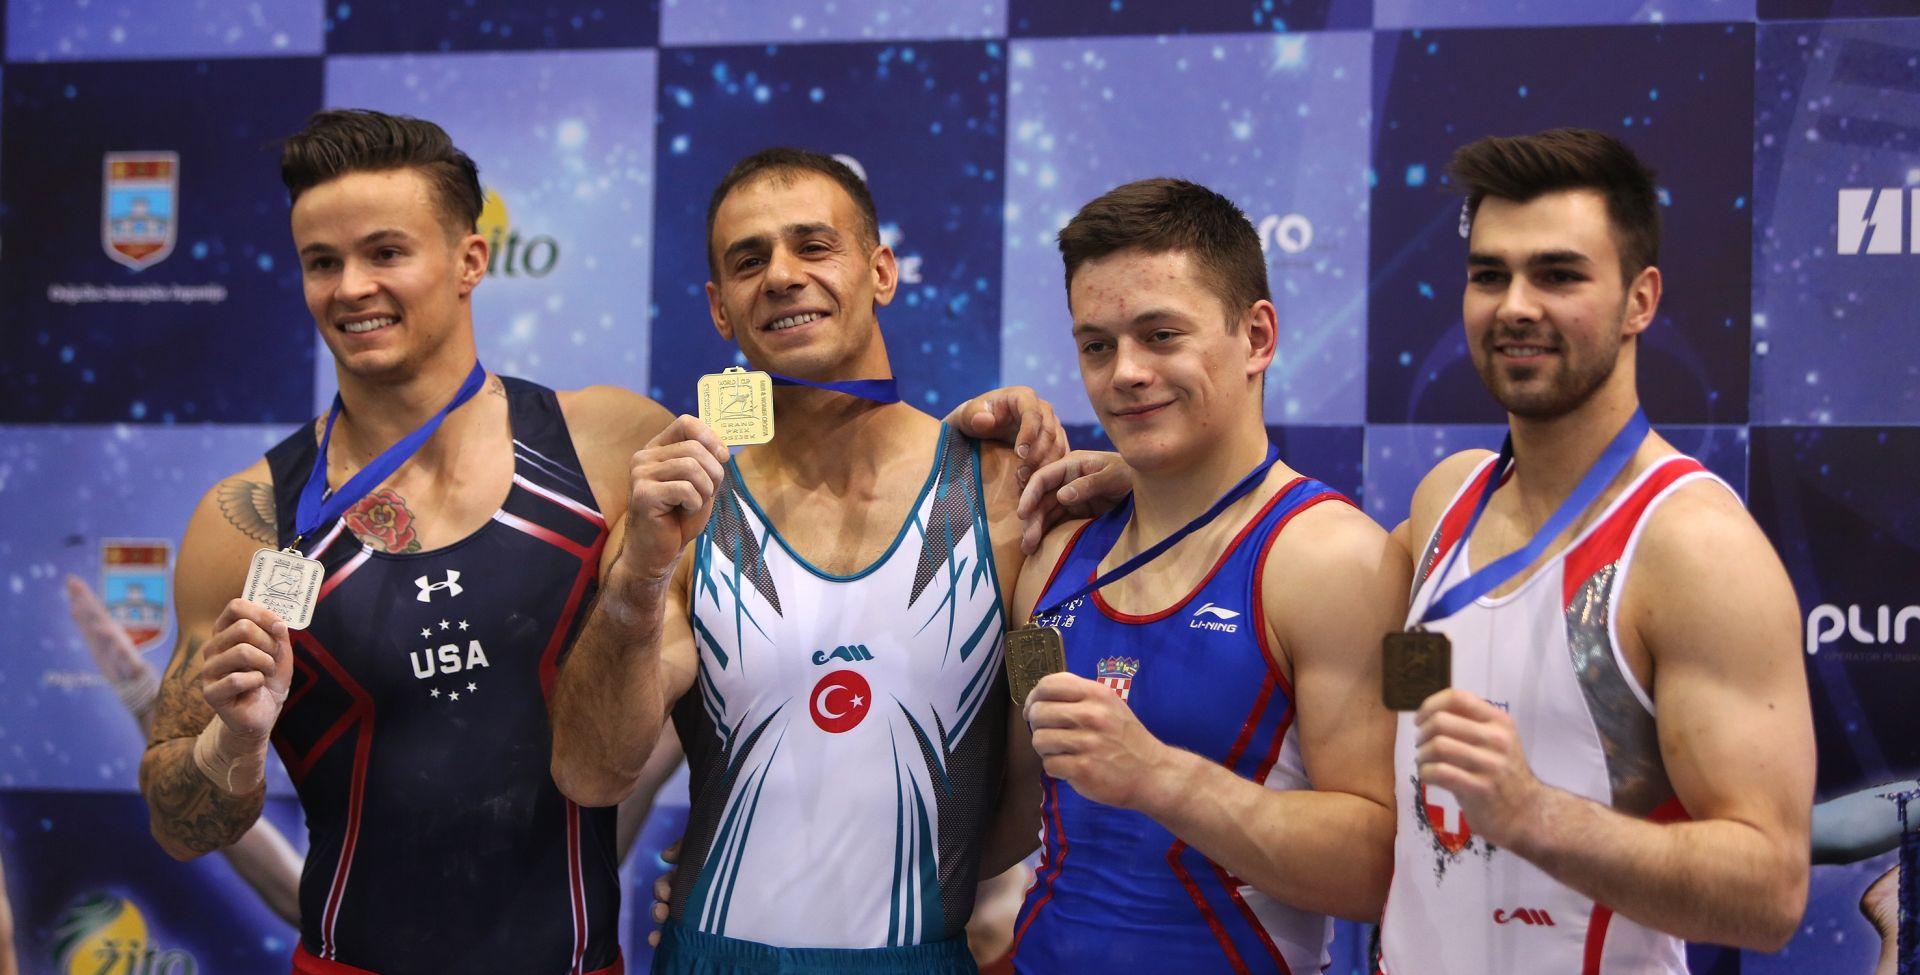 Kranželić i Srbić brončani na Svjetskom kupu u Mađarskoj